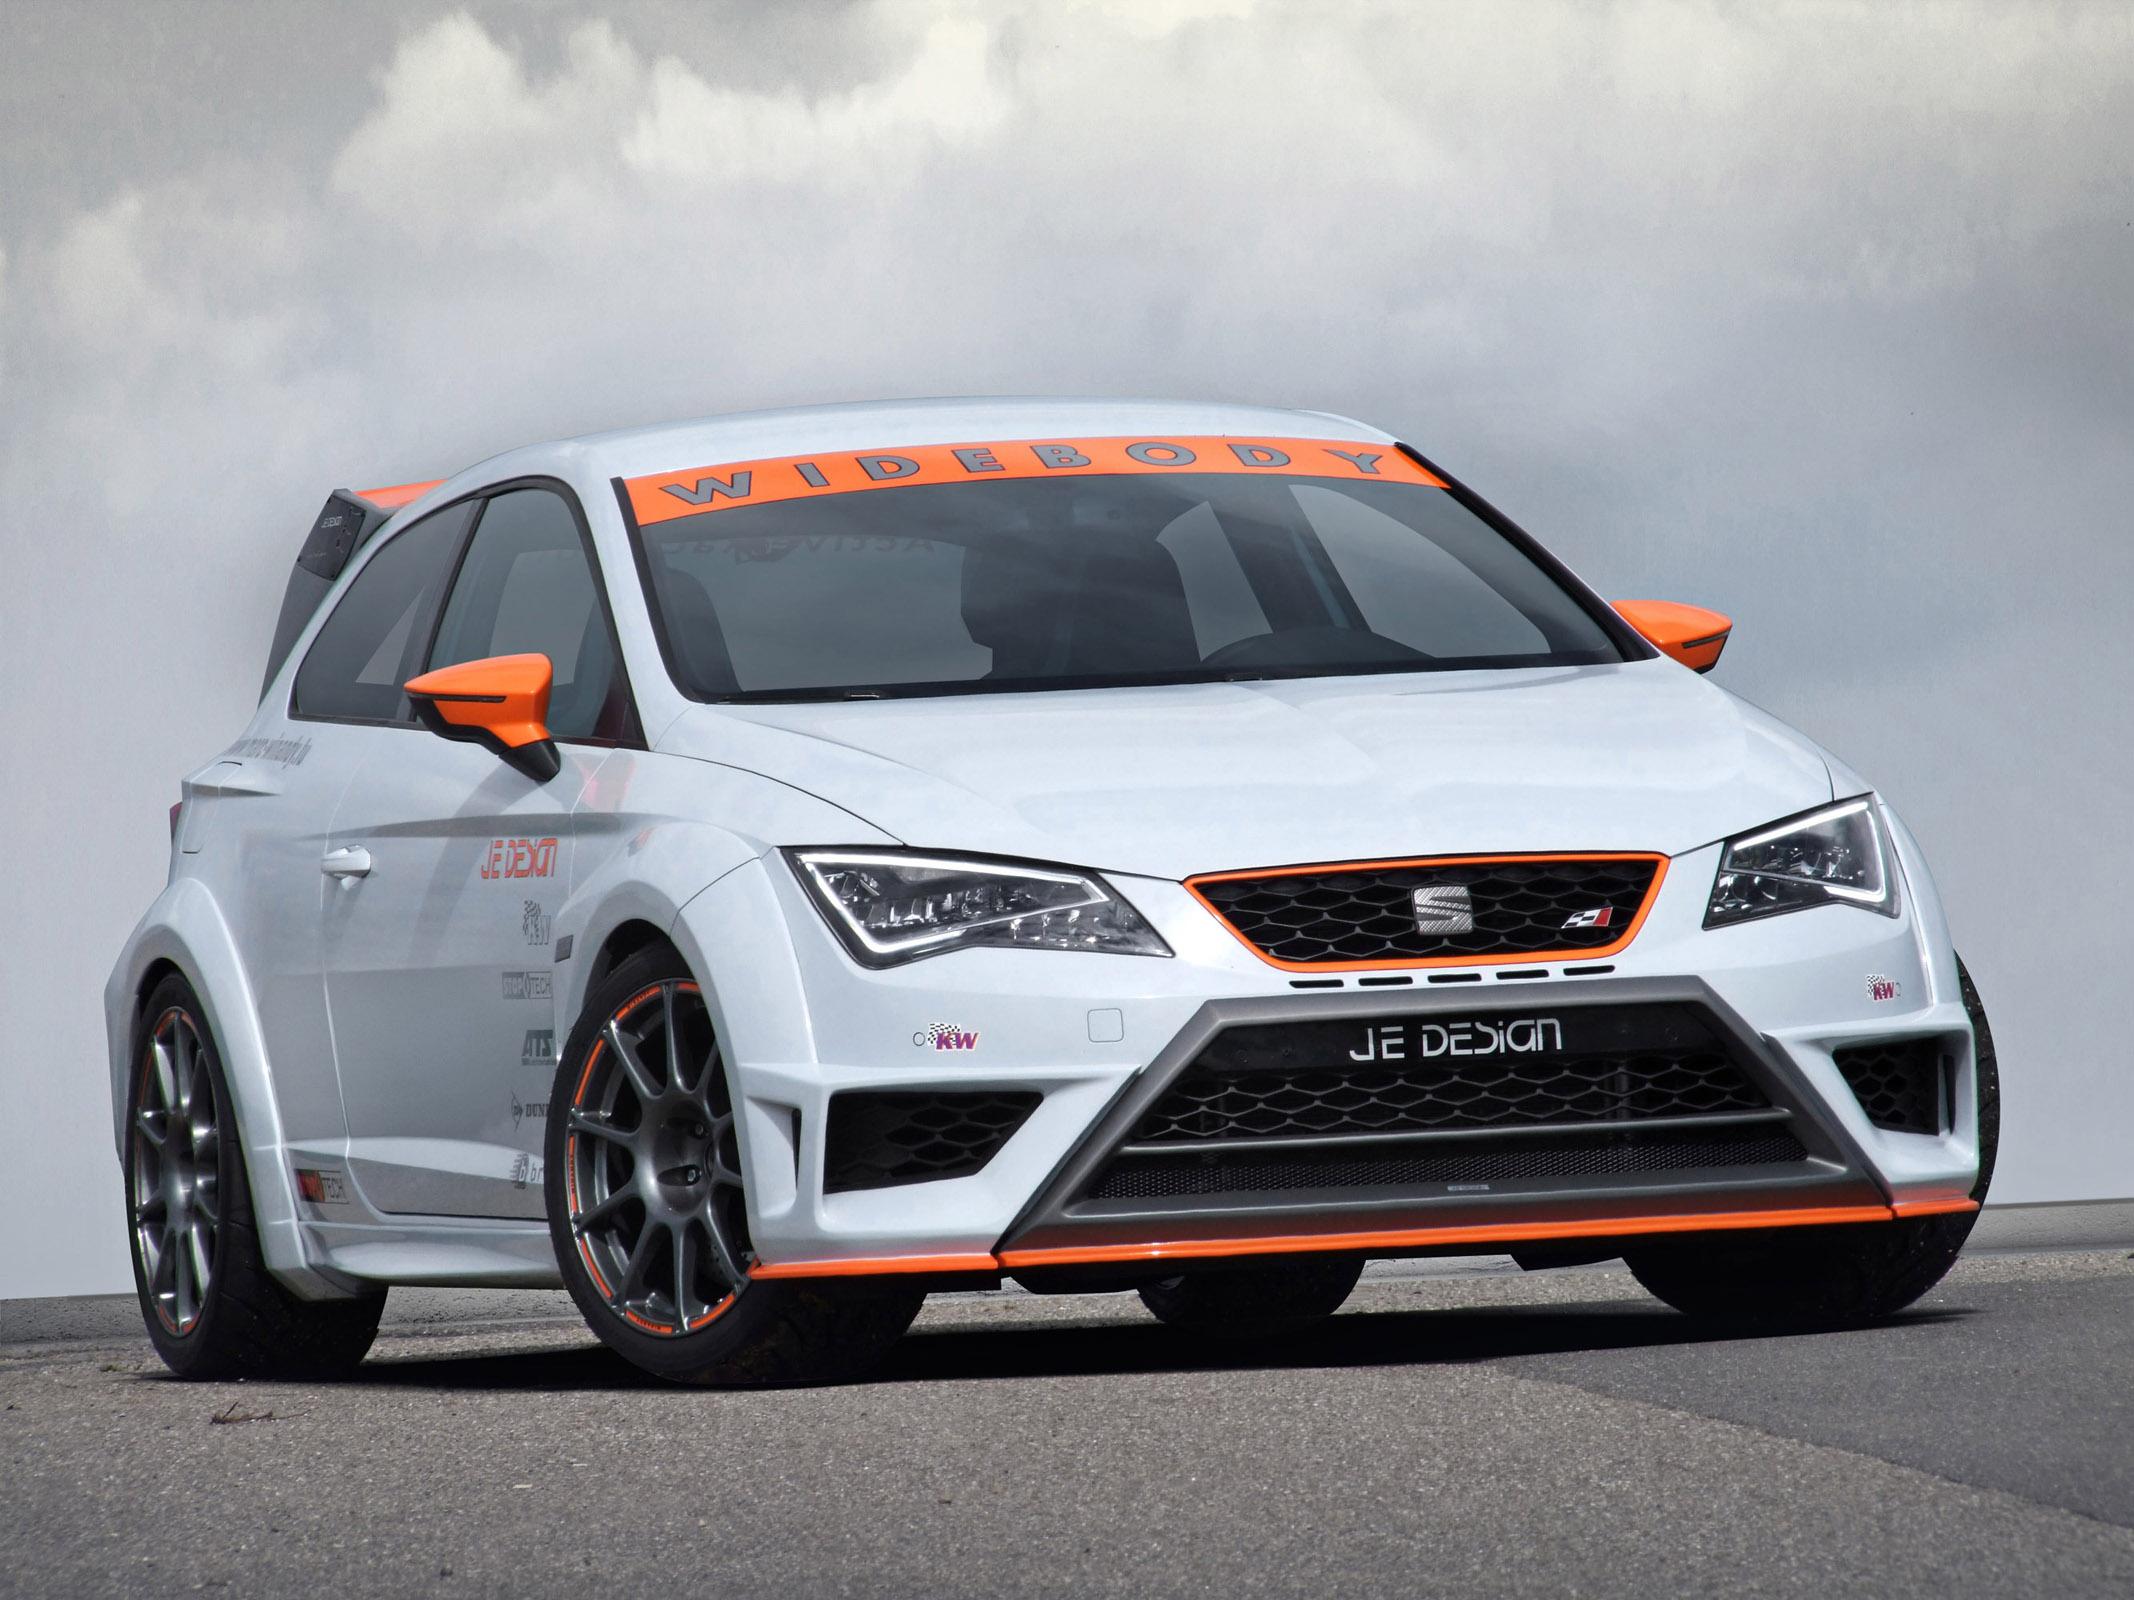 2015 Je Design Seat Leon Cupra Race